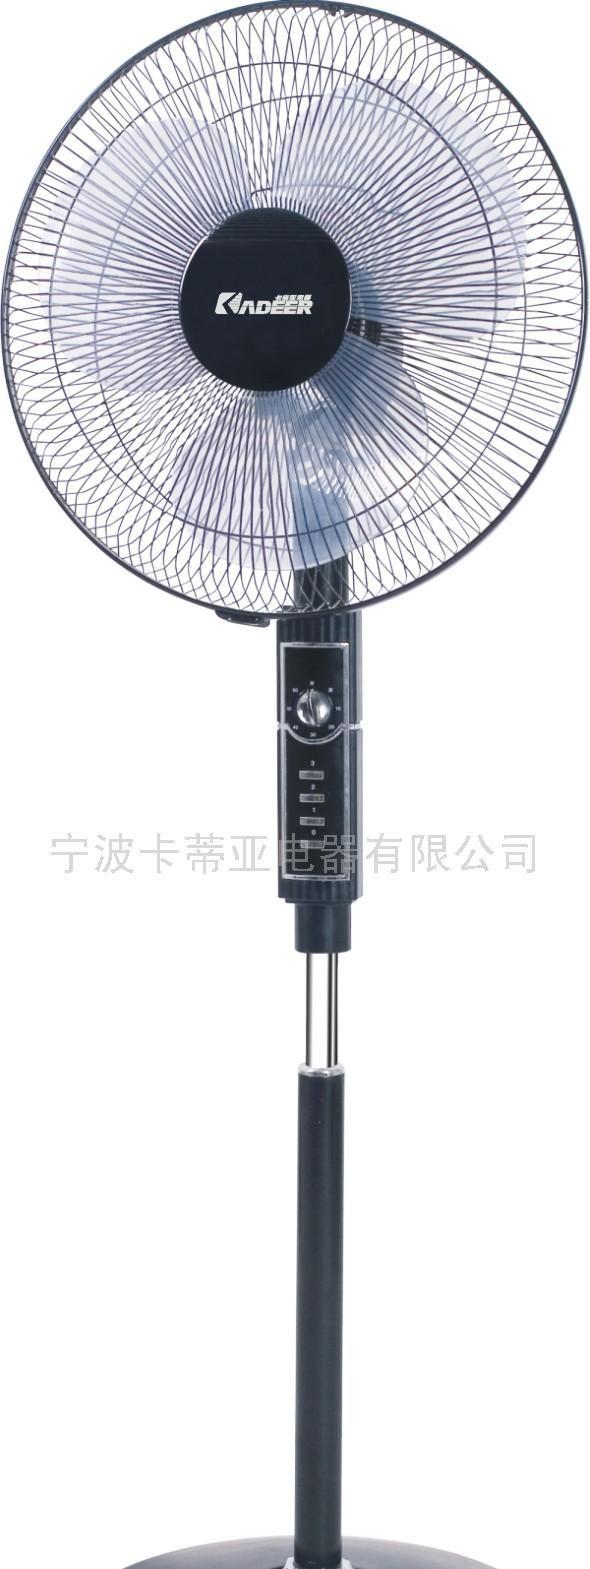 fs-40(f509)电风扇